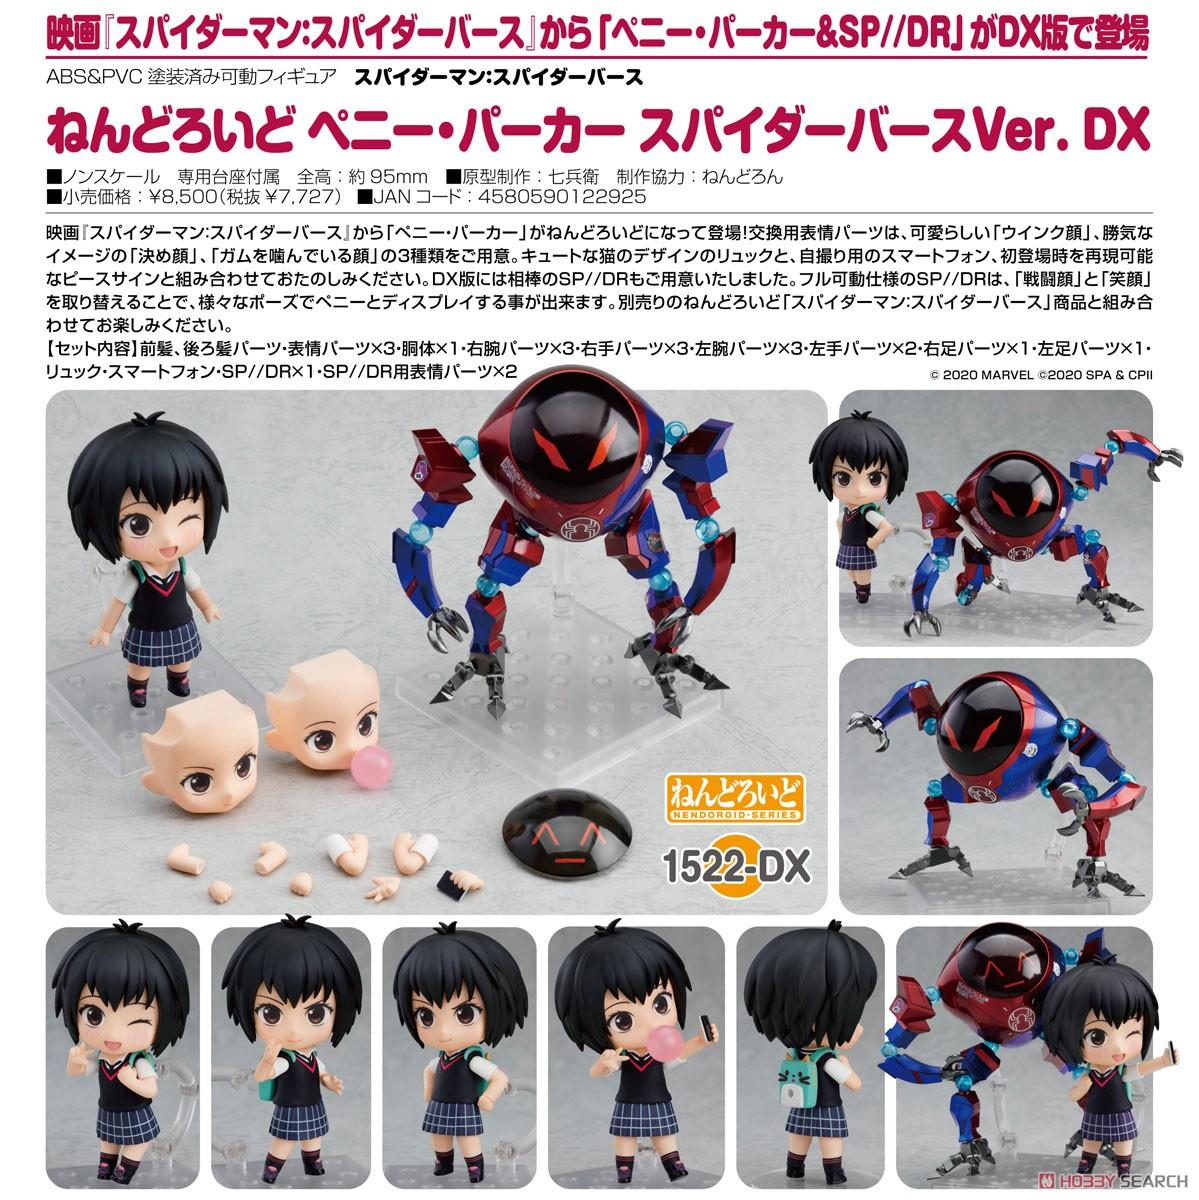 ねんどろいど『ピーター・パーカー スパイダーバースVer. DX』デフォルメ可動フィギュア-010